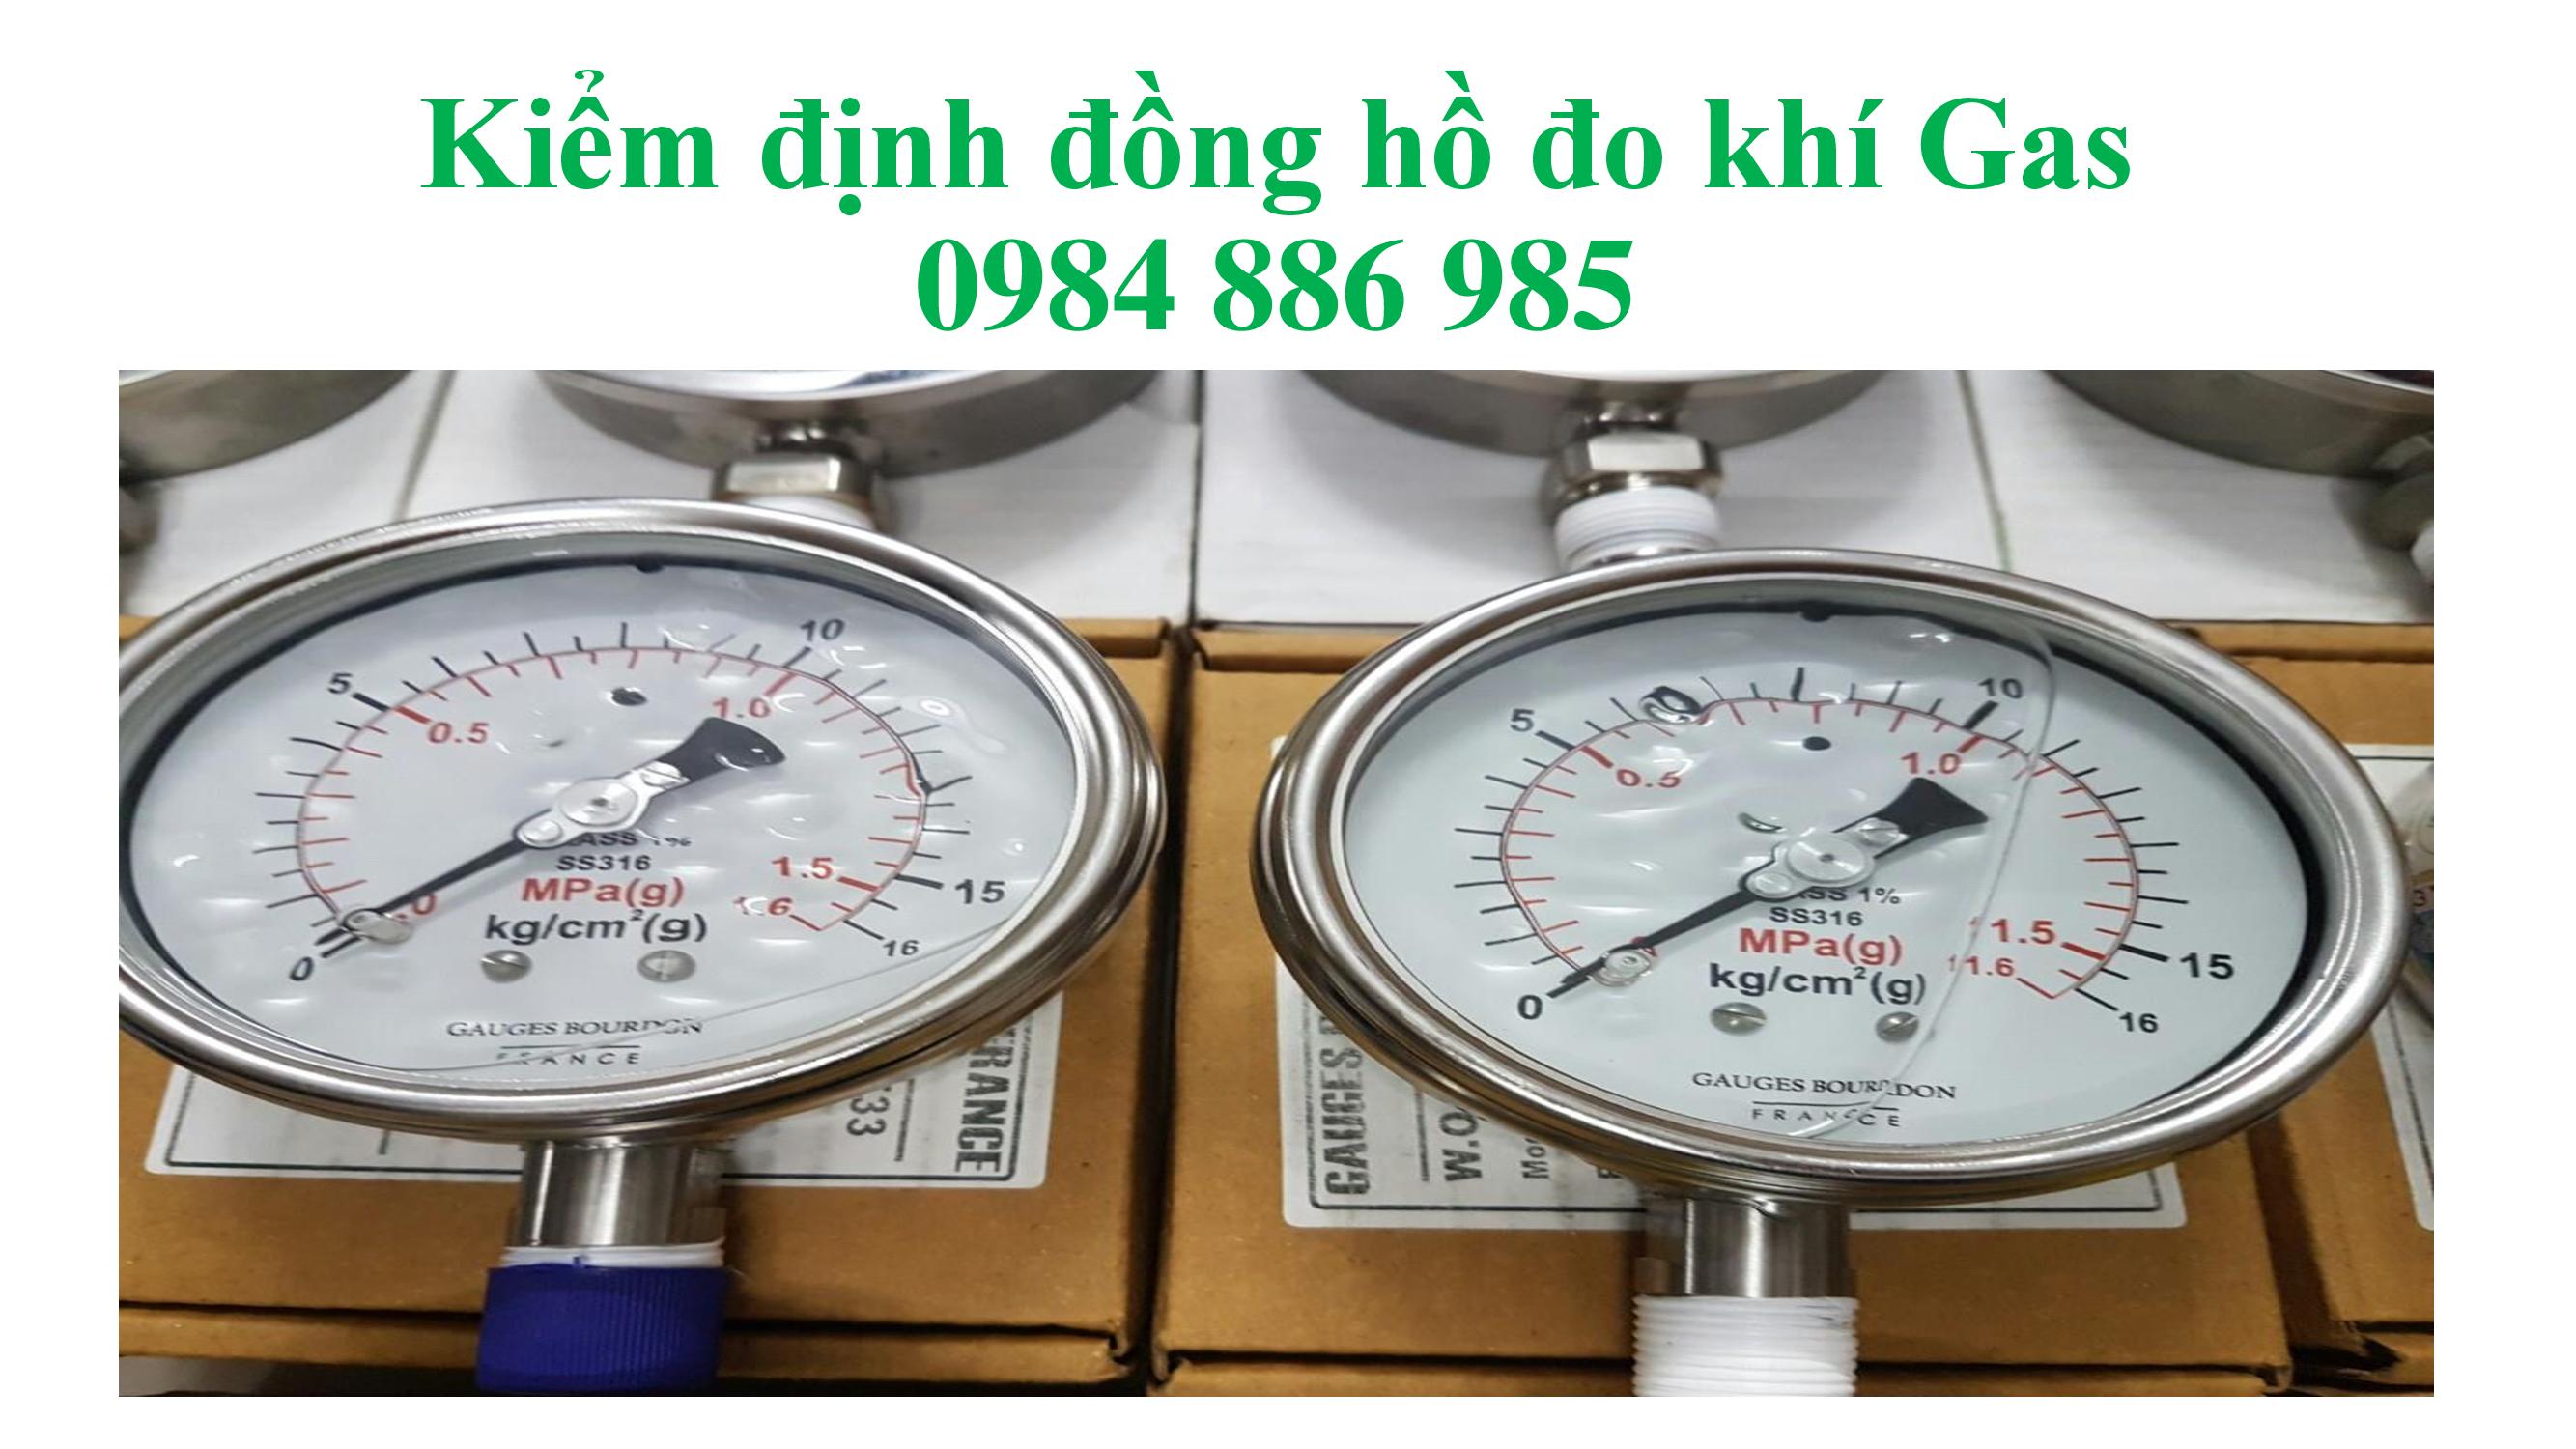 Kiểm định đồng hồ đo khí gas